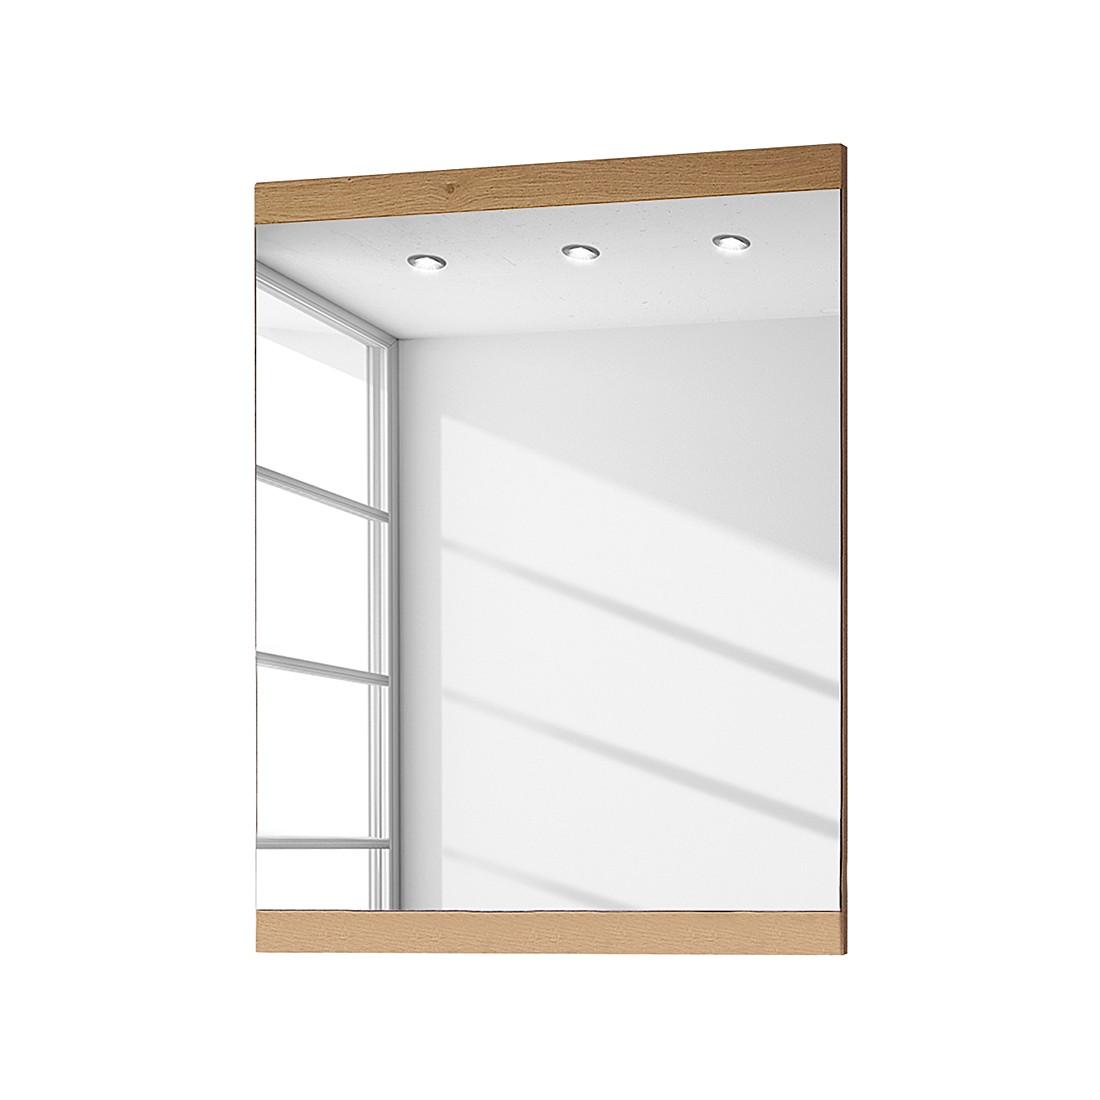 Miroir Ellison I - Chêne sauvage brut de sciage - 58 x 80 cm, Voss